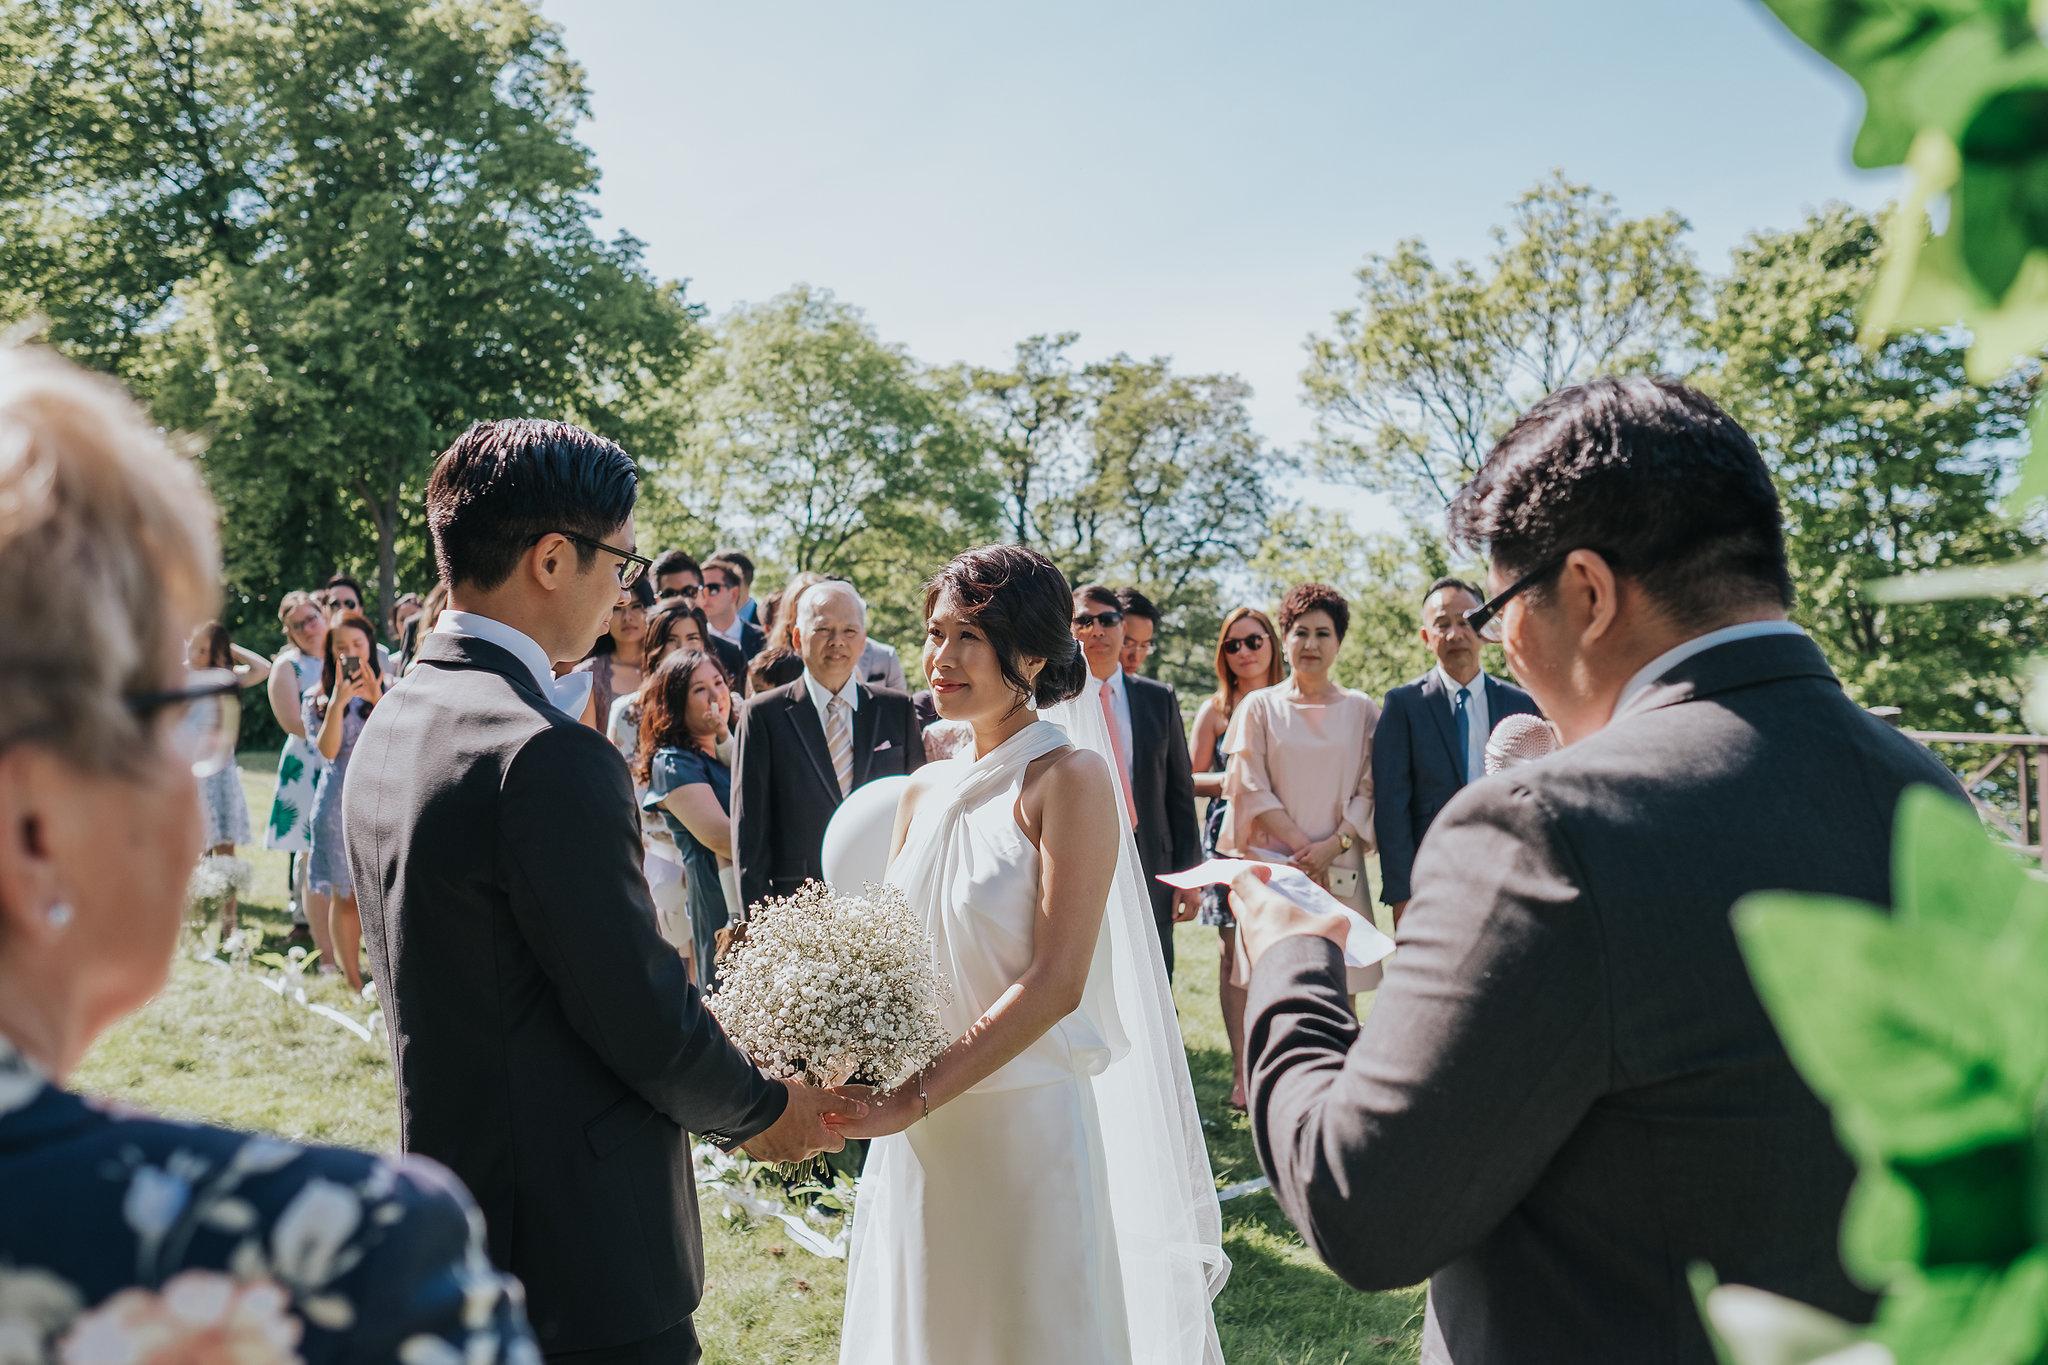 ceremoni bröllop